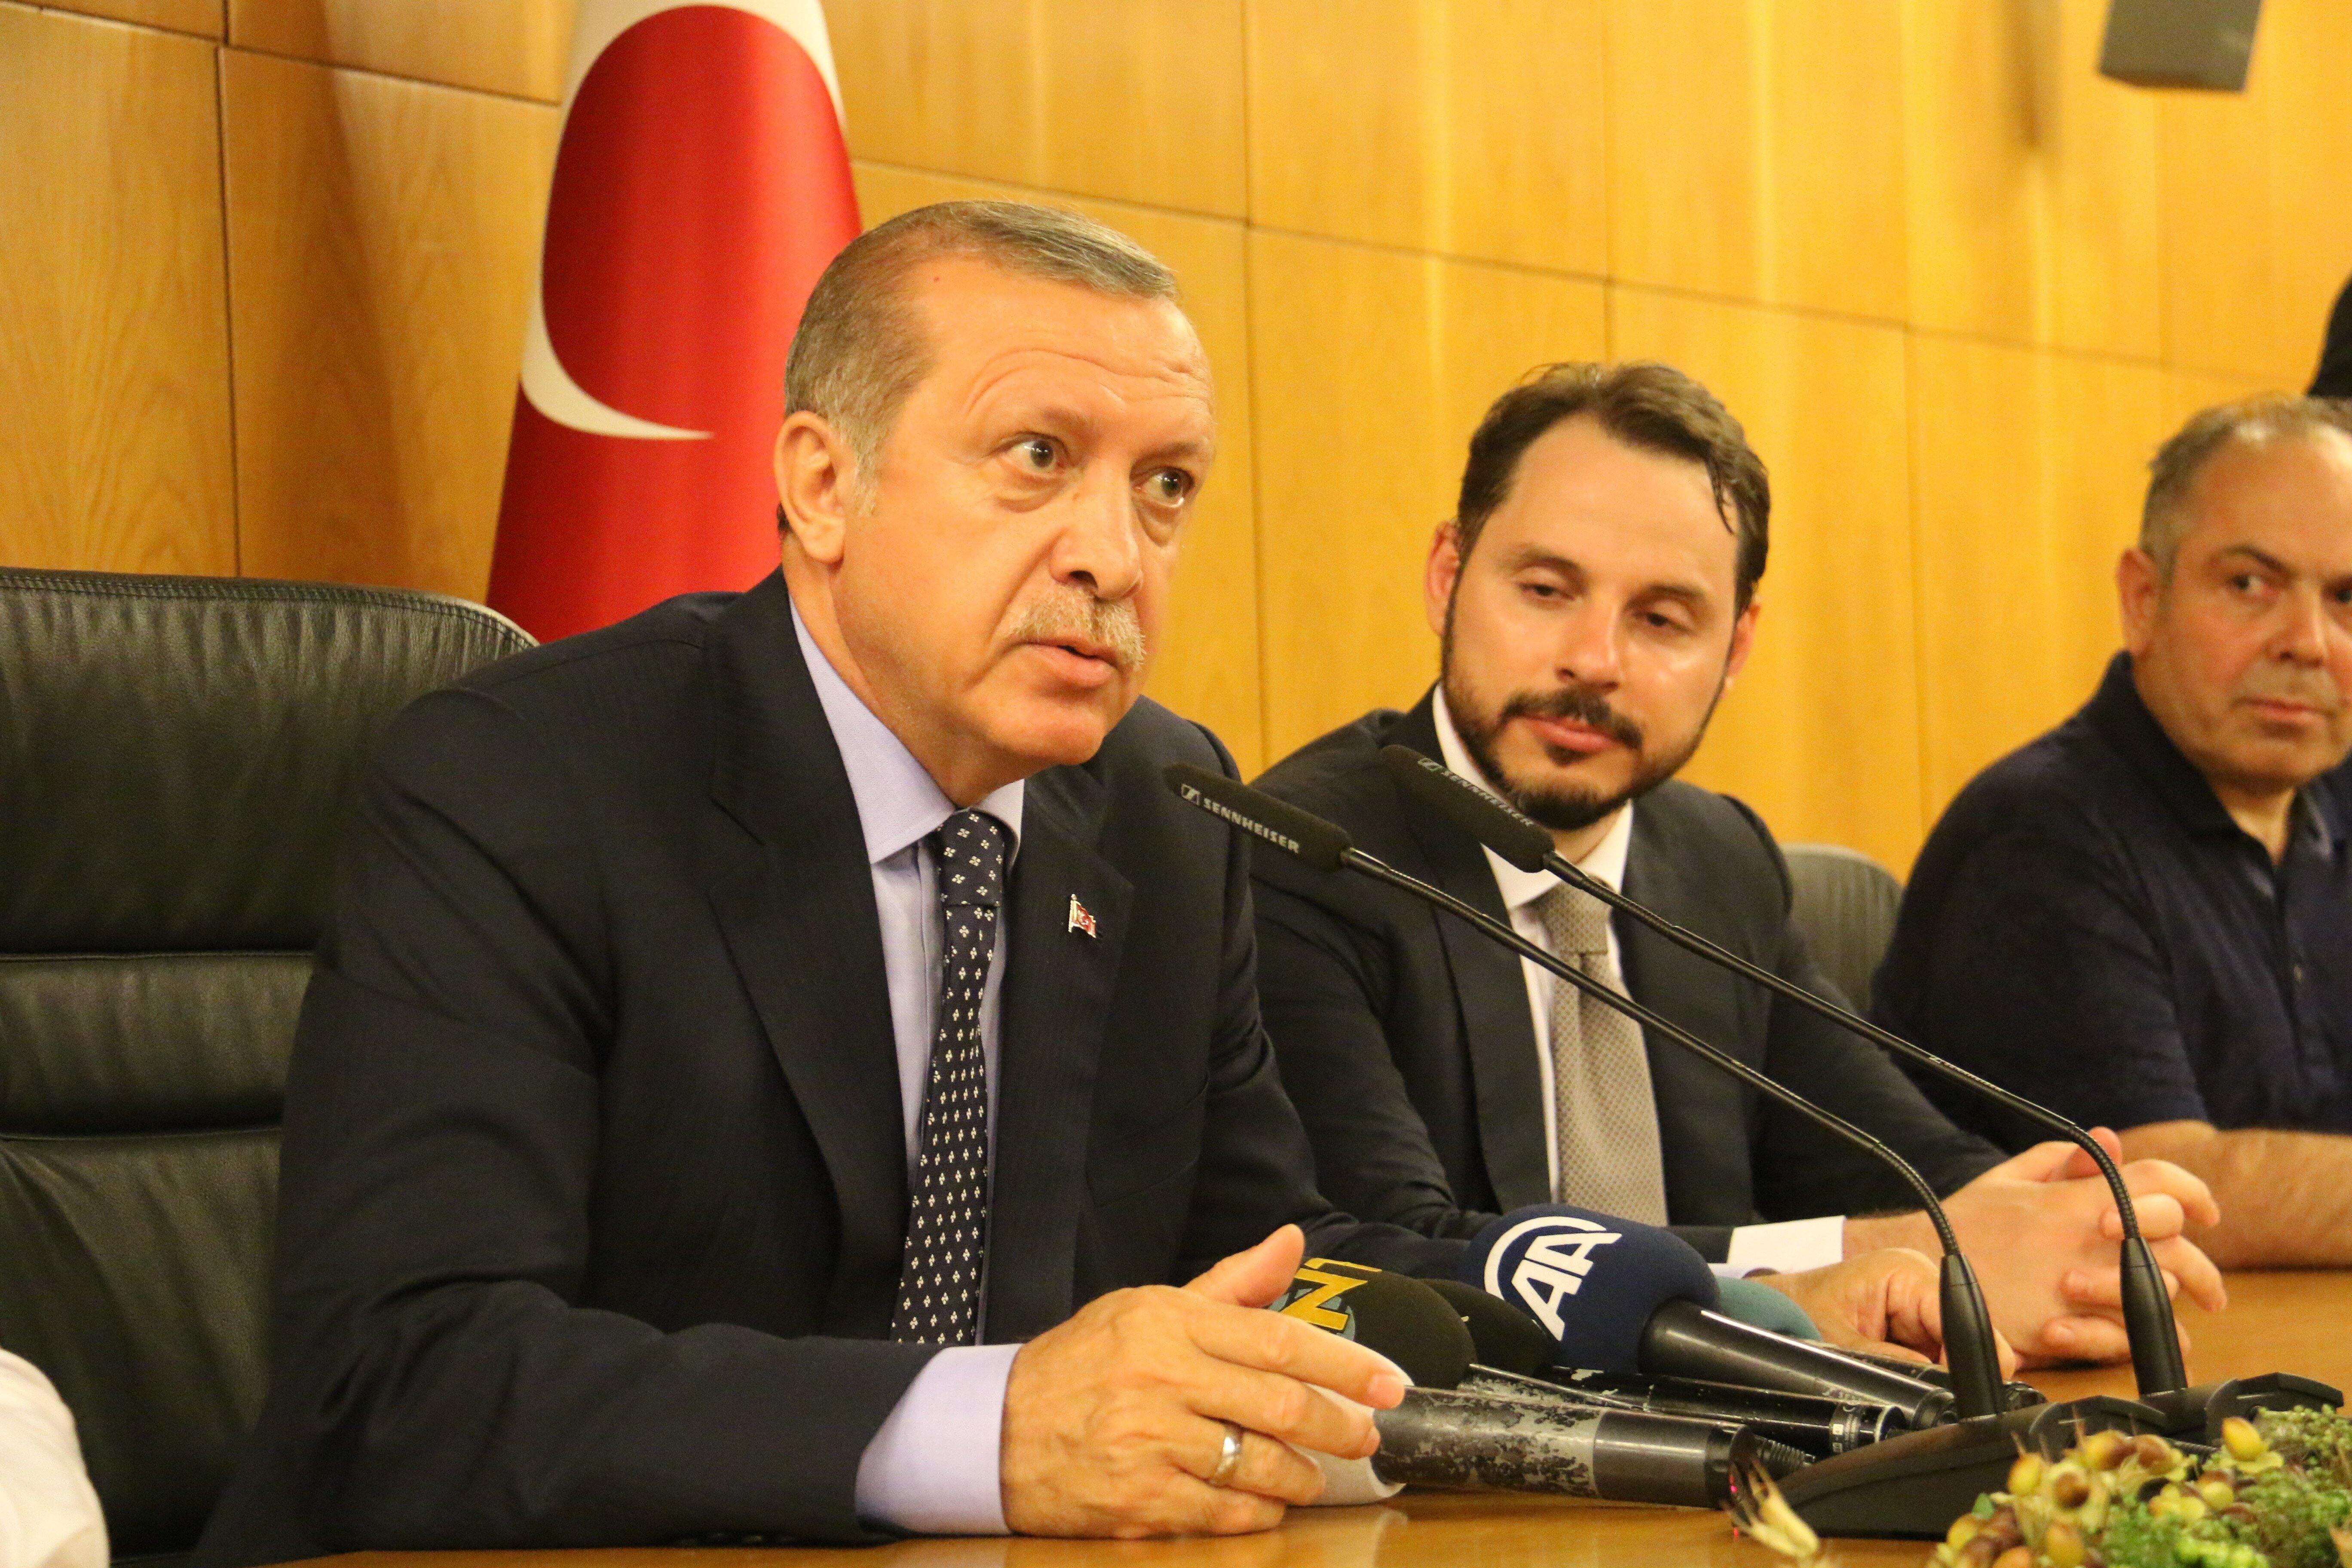 Cumhurbaşkanı Erdoğan Atatürk Havalimanı'nda açıklama yaptı. F-16'larla uçağının tecrit edilmeye çalışıldığını belirten Erdoğan, darbecilerin işgalci olduğunu ve bu ülkenin onlara bırakılmayacağını vurguladı.